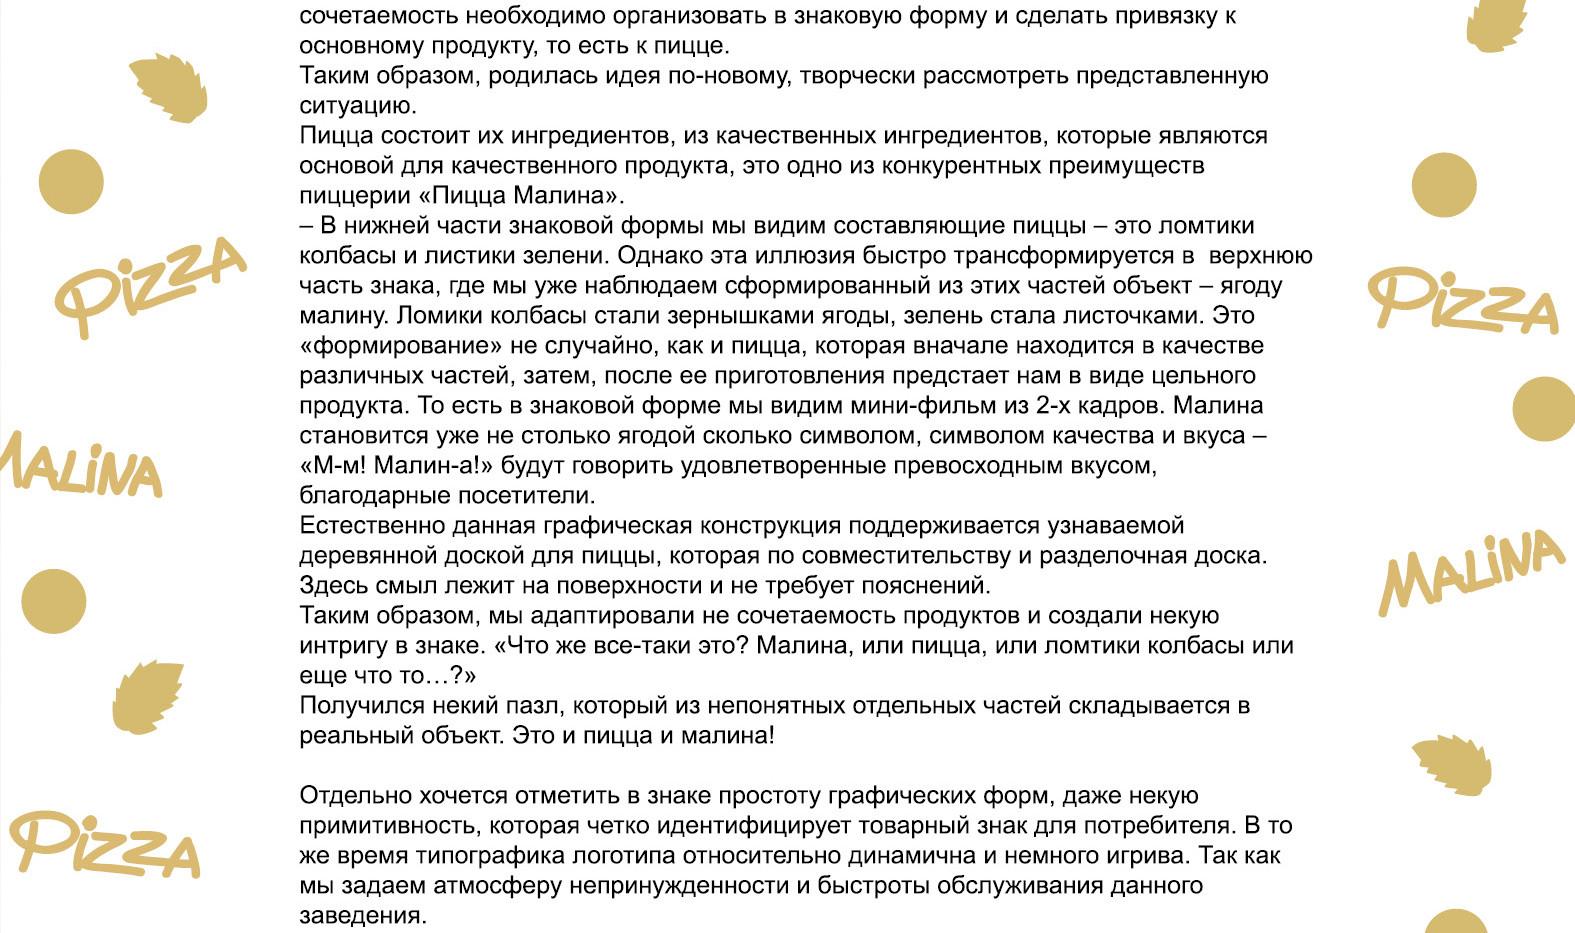 Стайл_бук_eng3.jpg